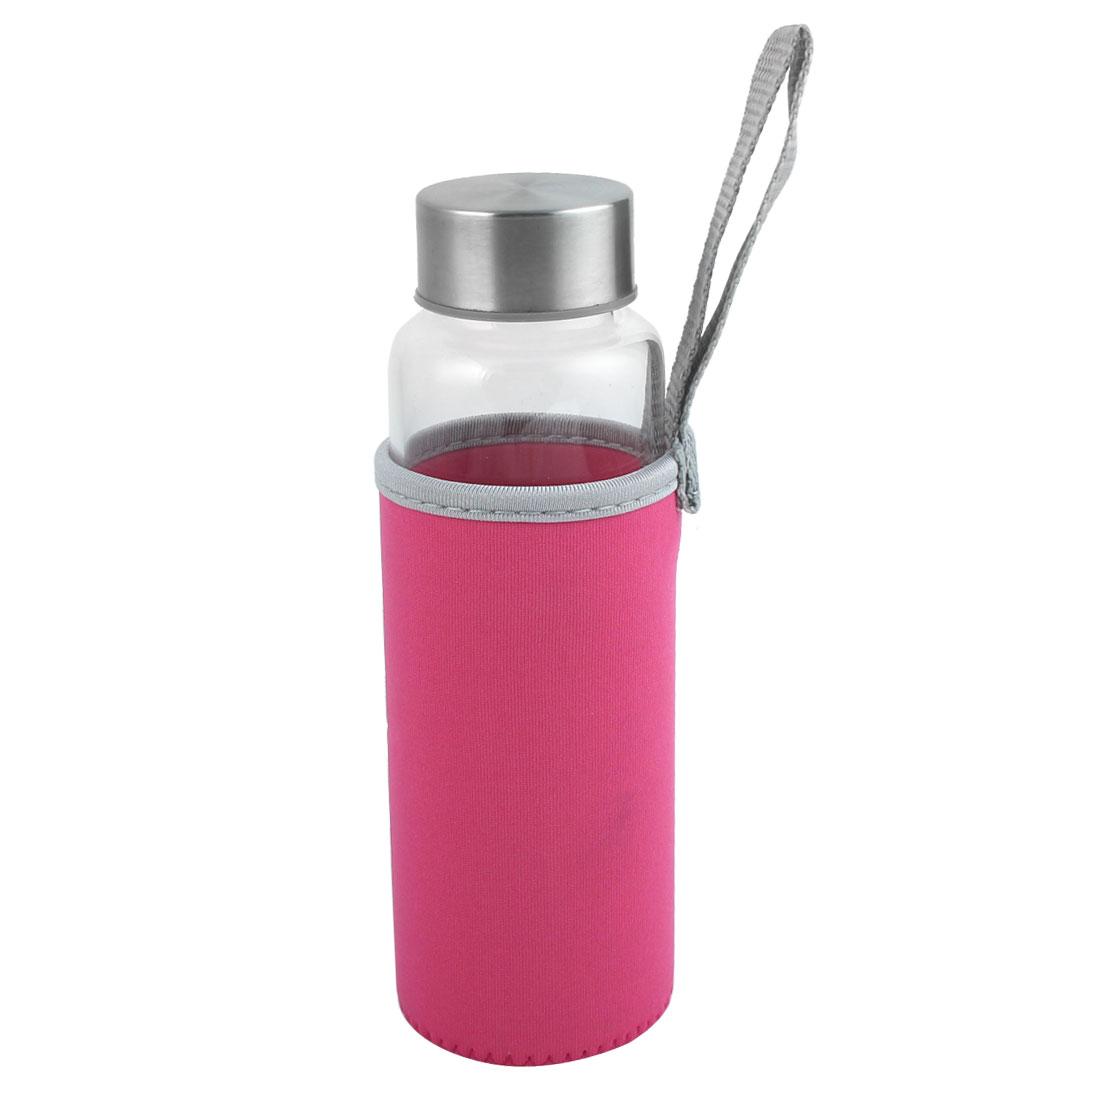 Outdoor Camping Metal Coated Screw Cap Juice Tea Water Bottle Holder Cup 280ml